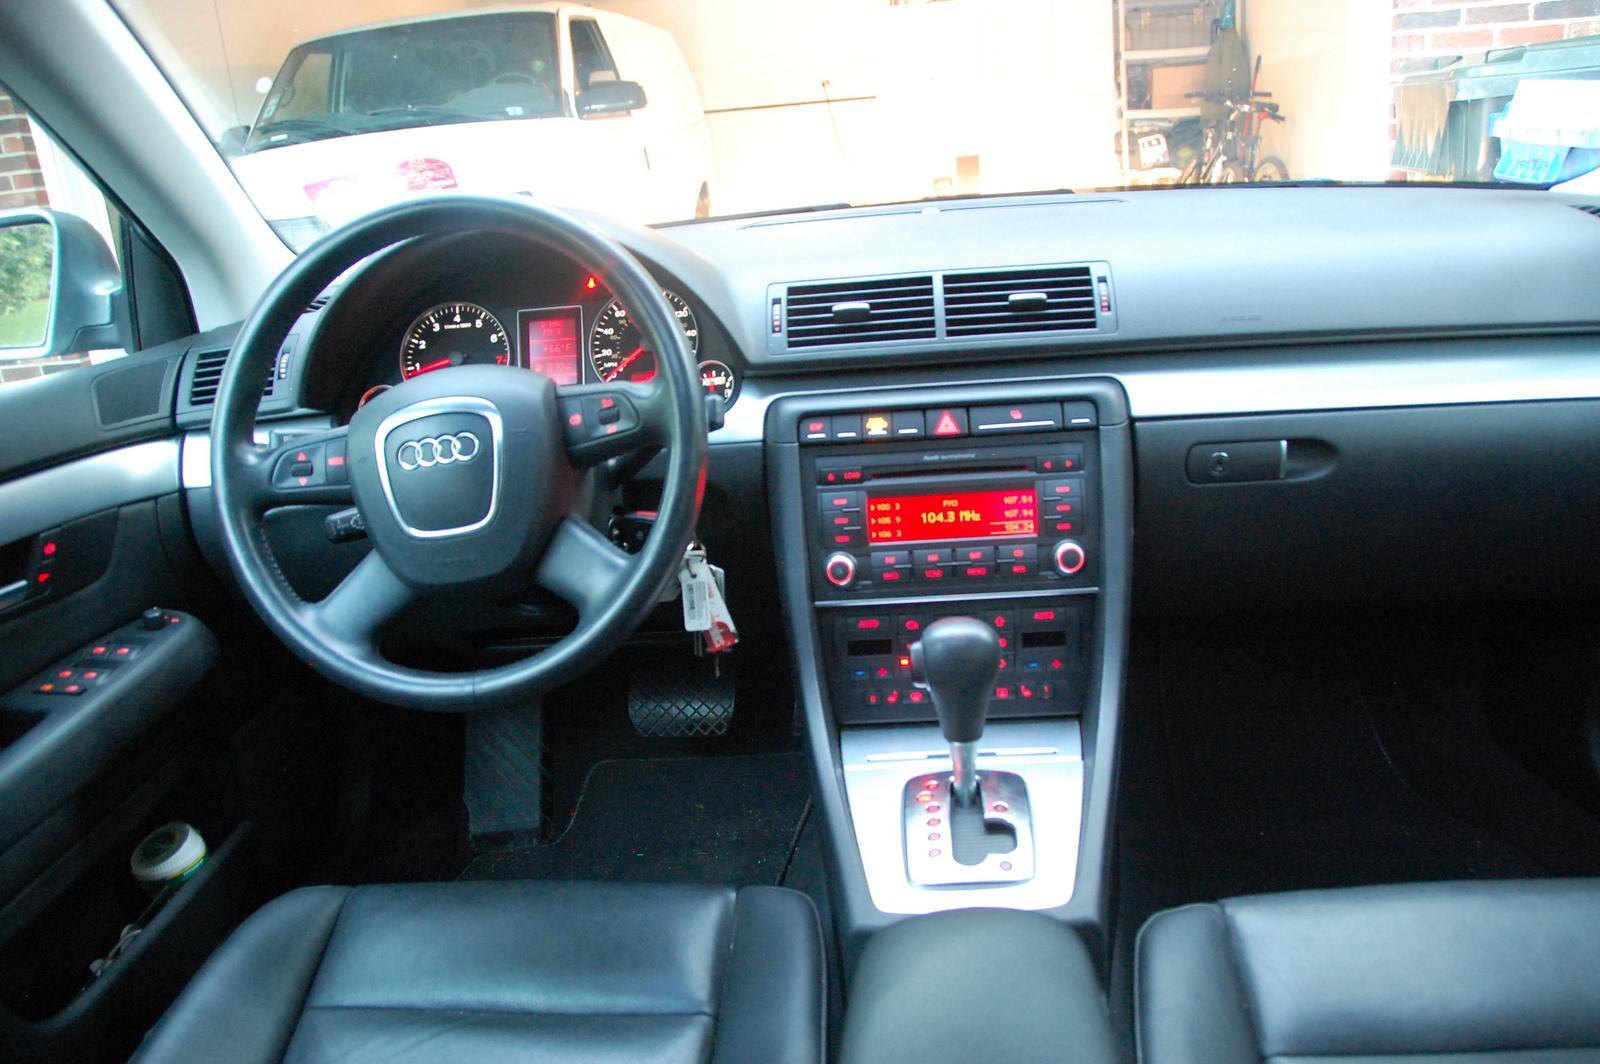 2007 Audi A4 Interior Pictures Cargurus